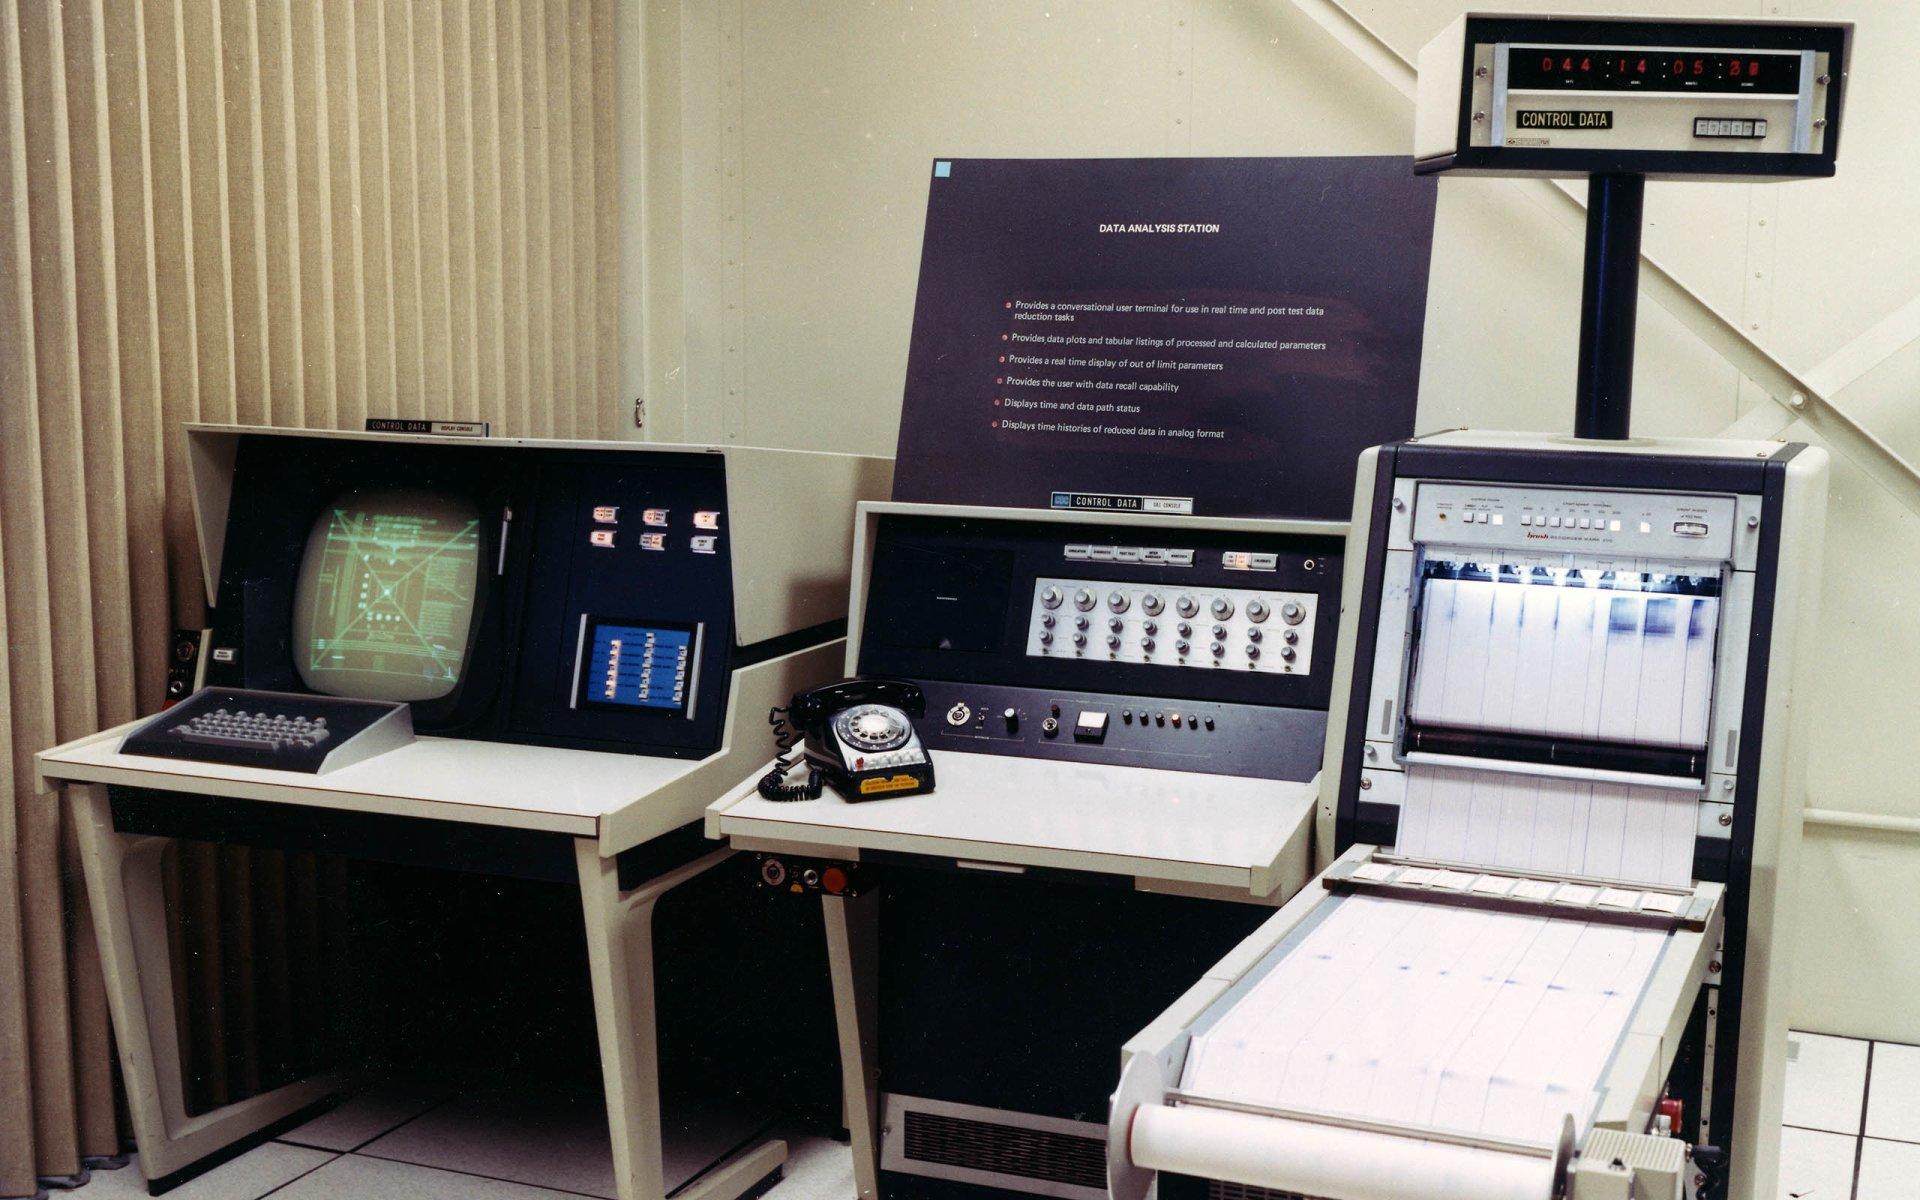 Ordinateur full hd fond d 39 cran and arri re plan for Ecran ordinateur hd